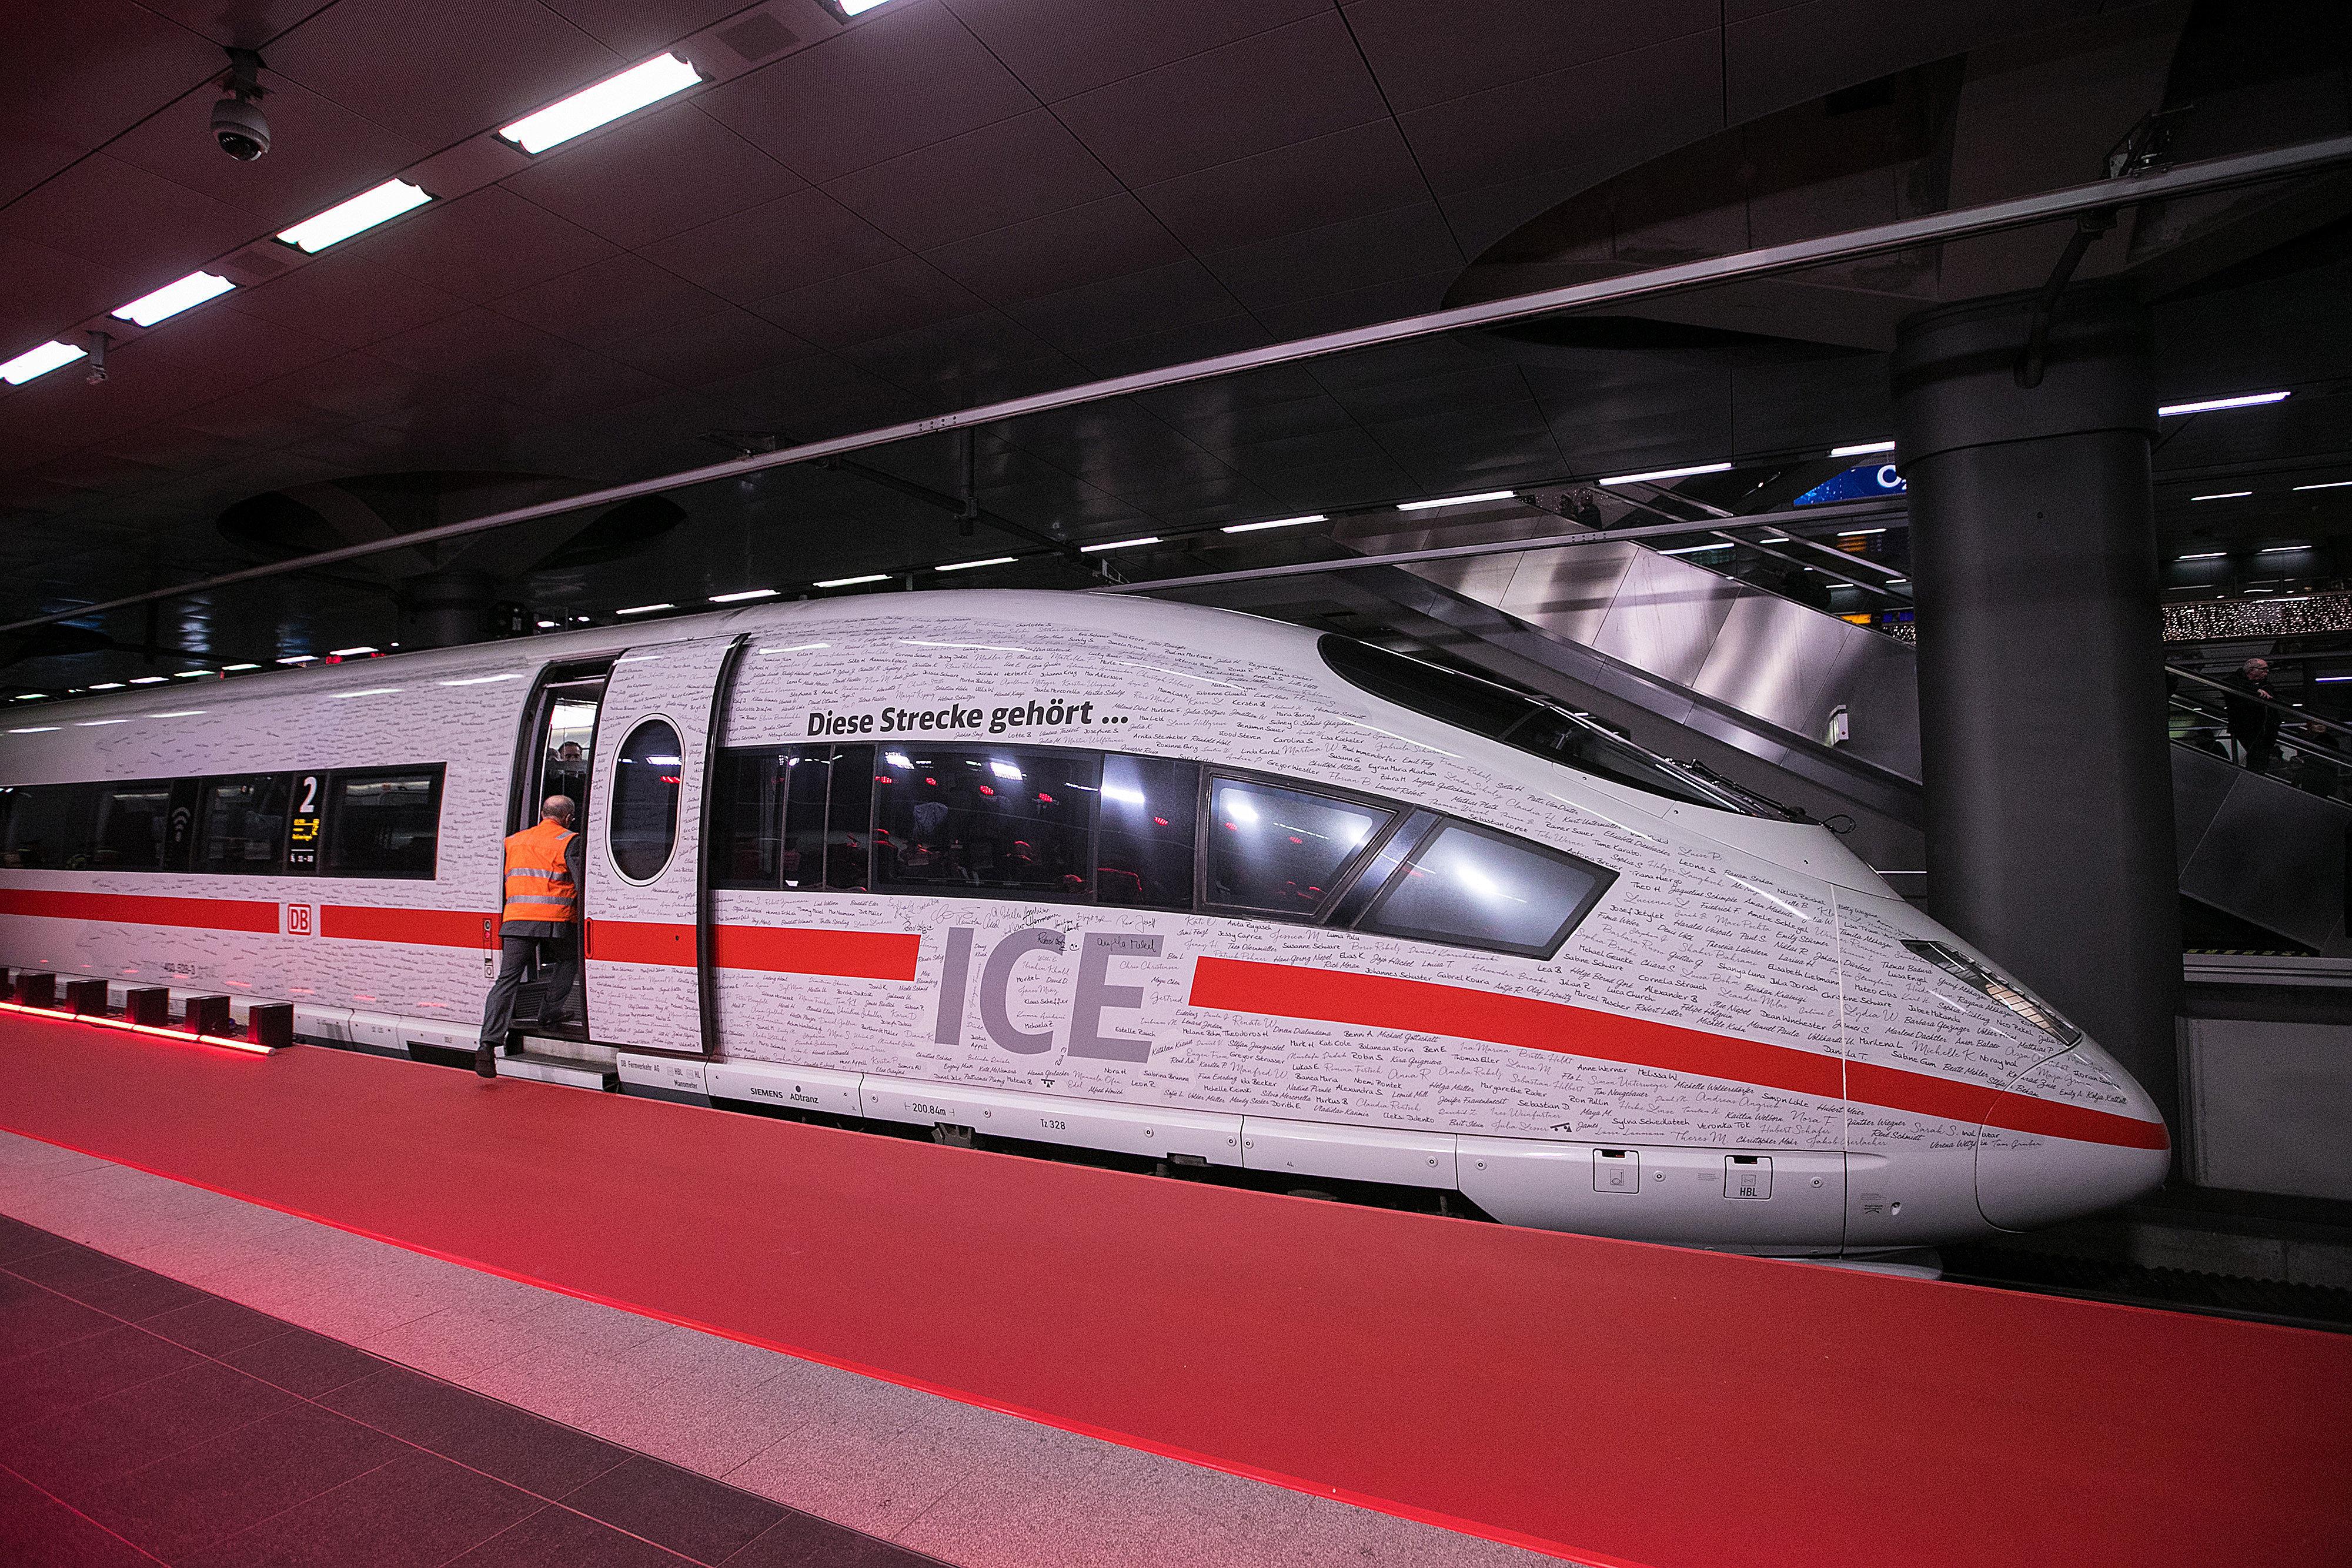 Zugausfälle: Bahn macht großzügige Versprechen – und will Geld vom Staat